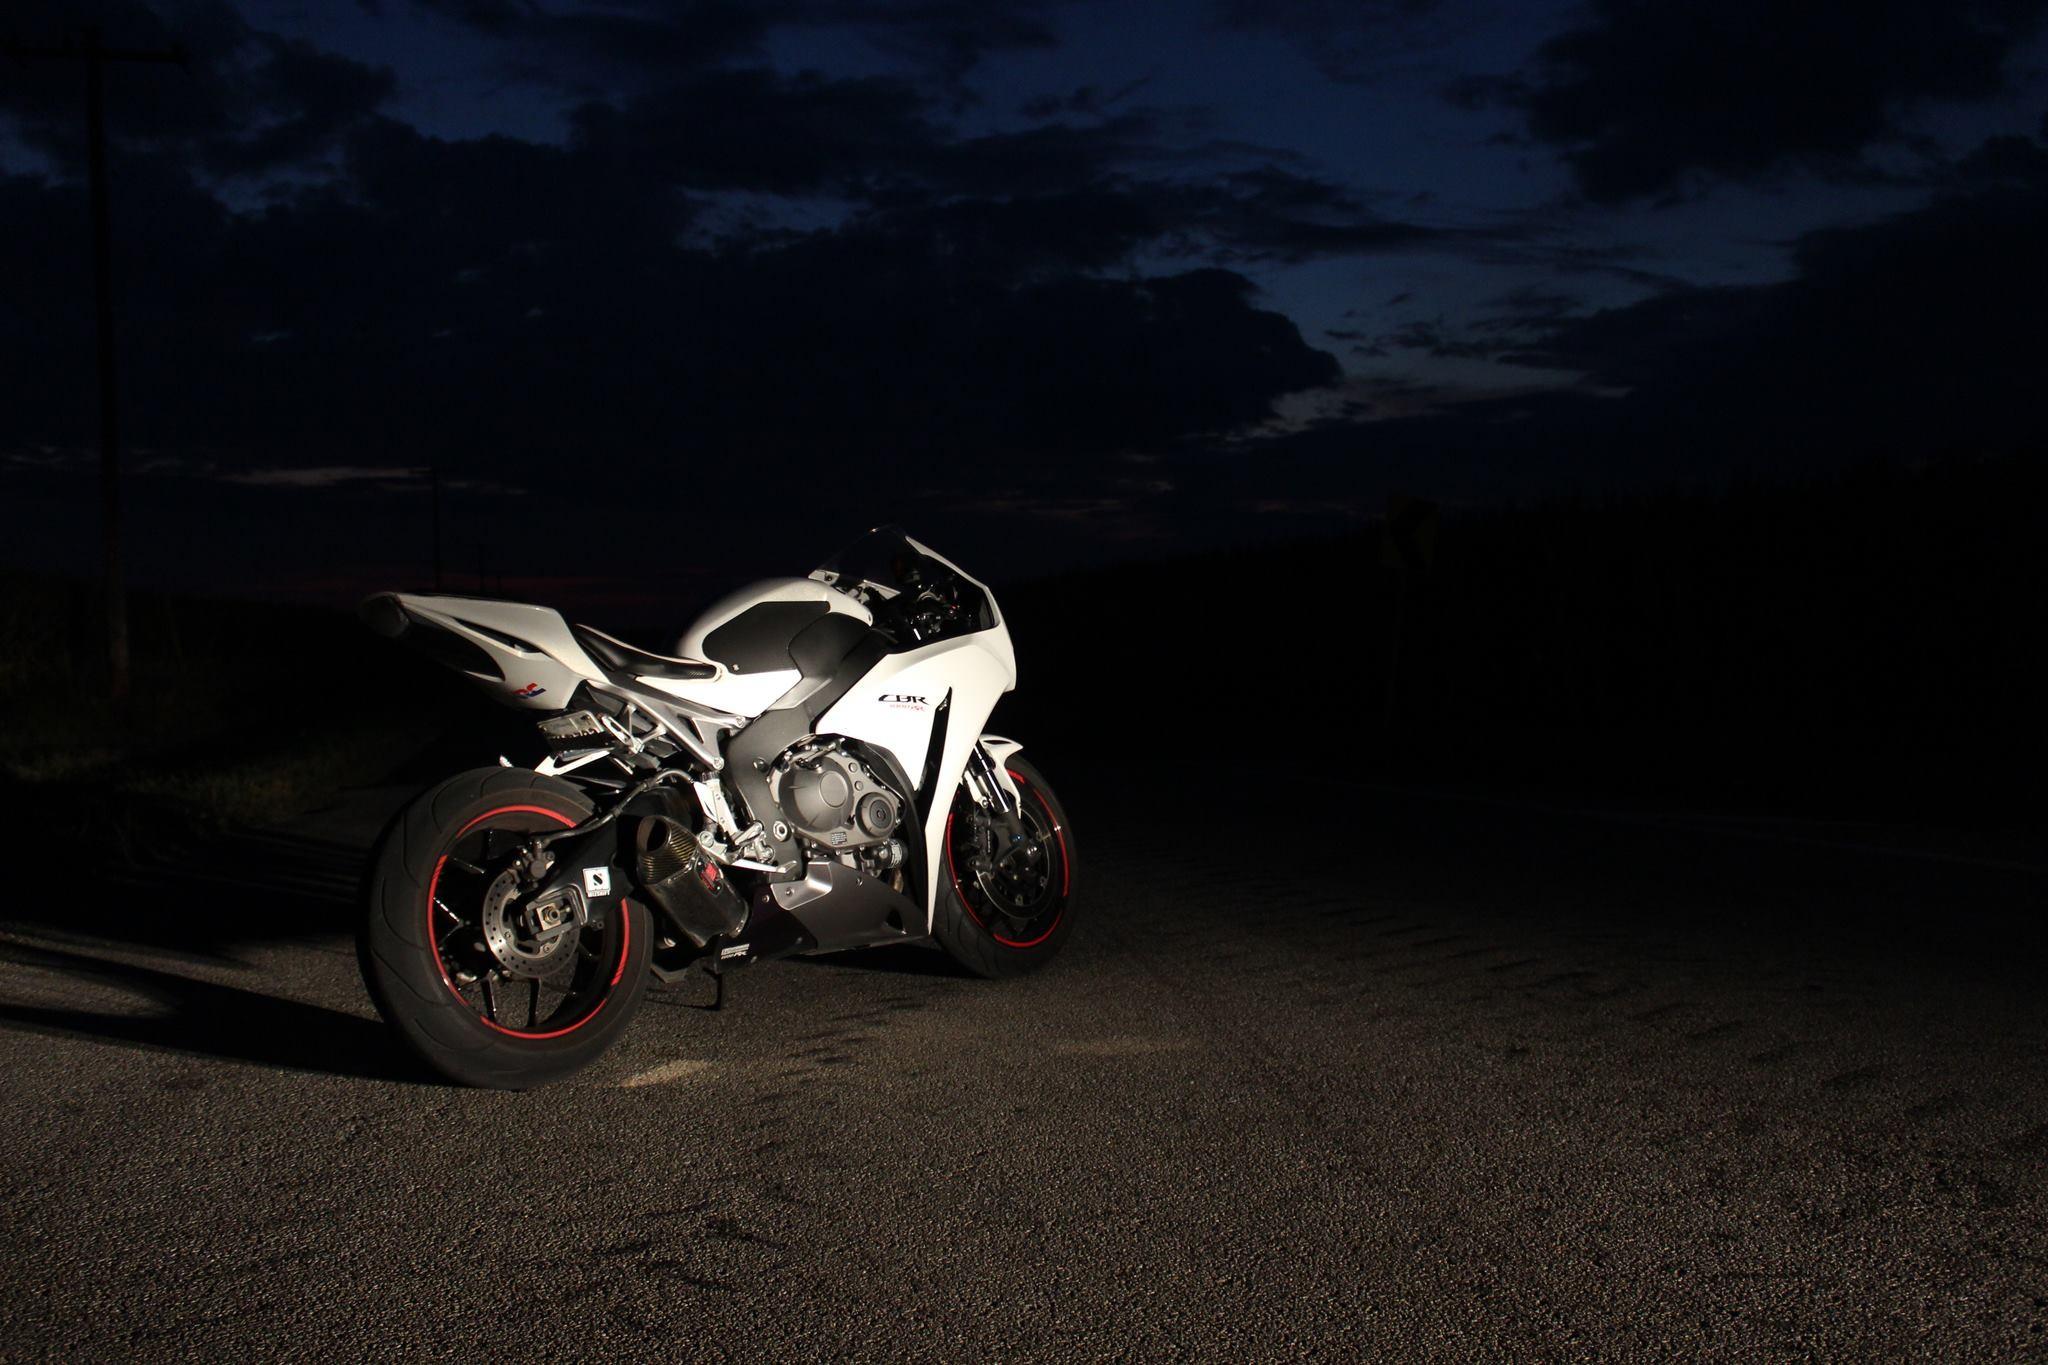 Einfarbig Nacht Auto Motorrad Fahrzeug Honda Cbr 1000 Rr Dunkelheit Bildschirmfoto Computer Tapete